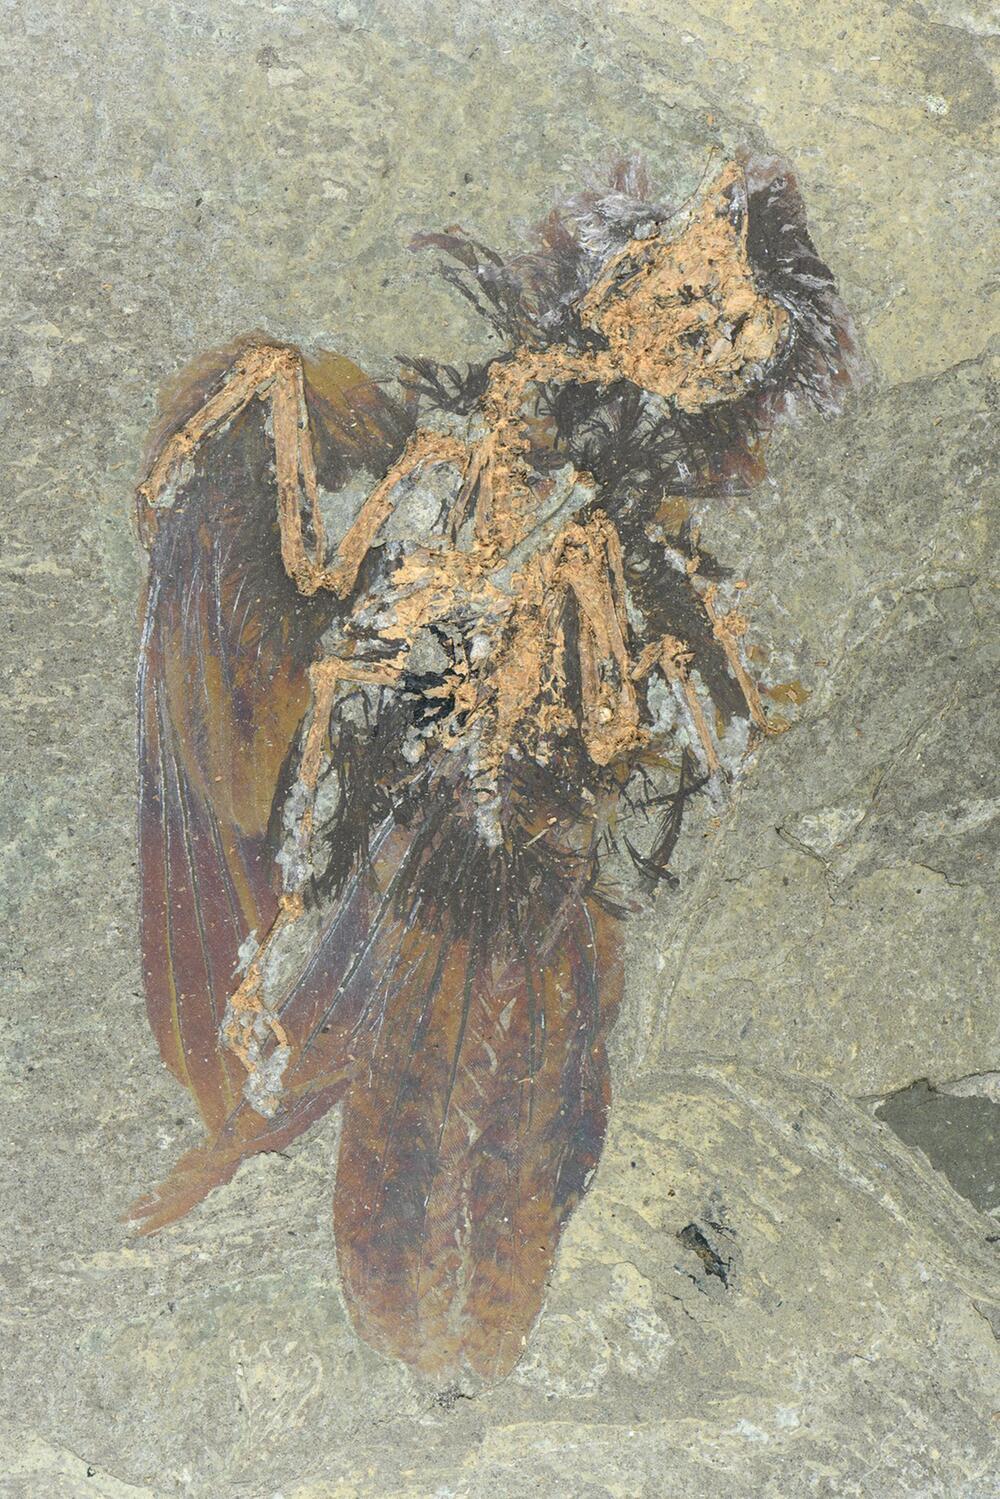 Fossil einer bisher unbekannten Vogelart